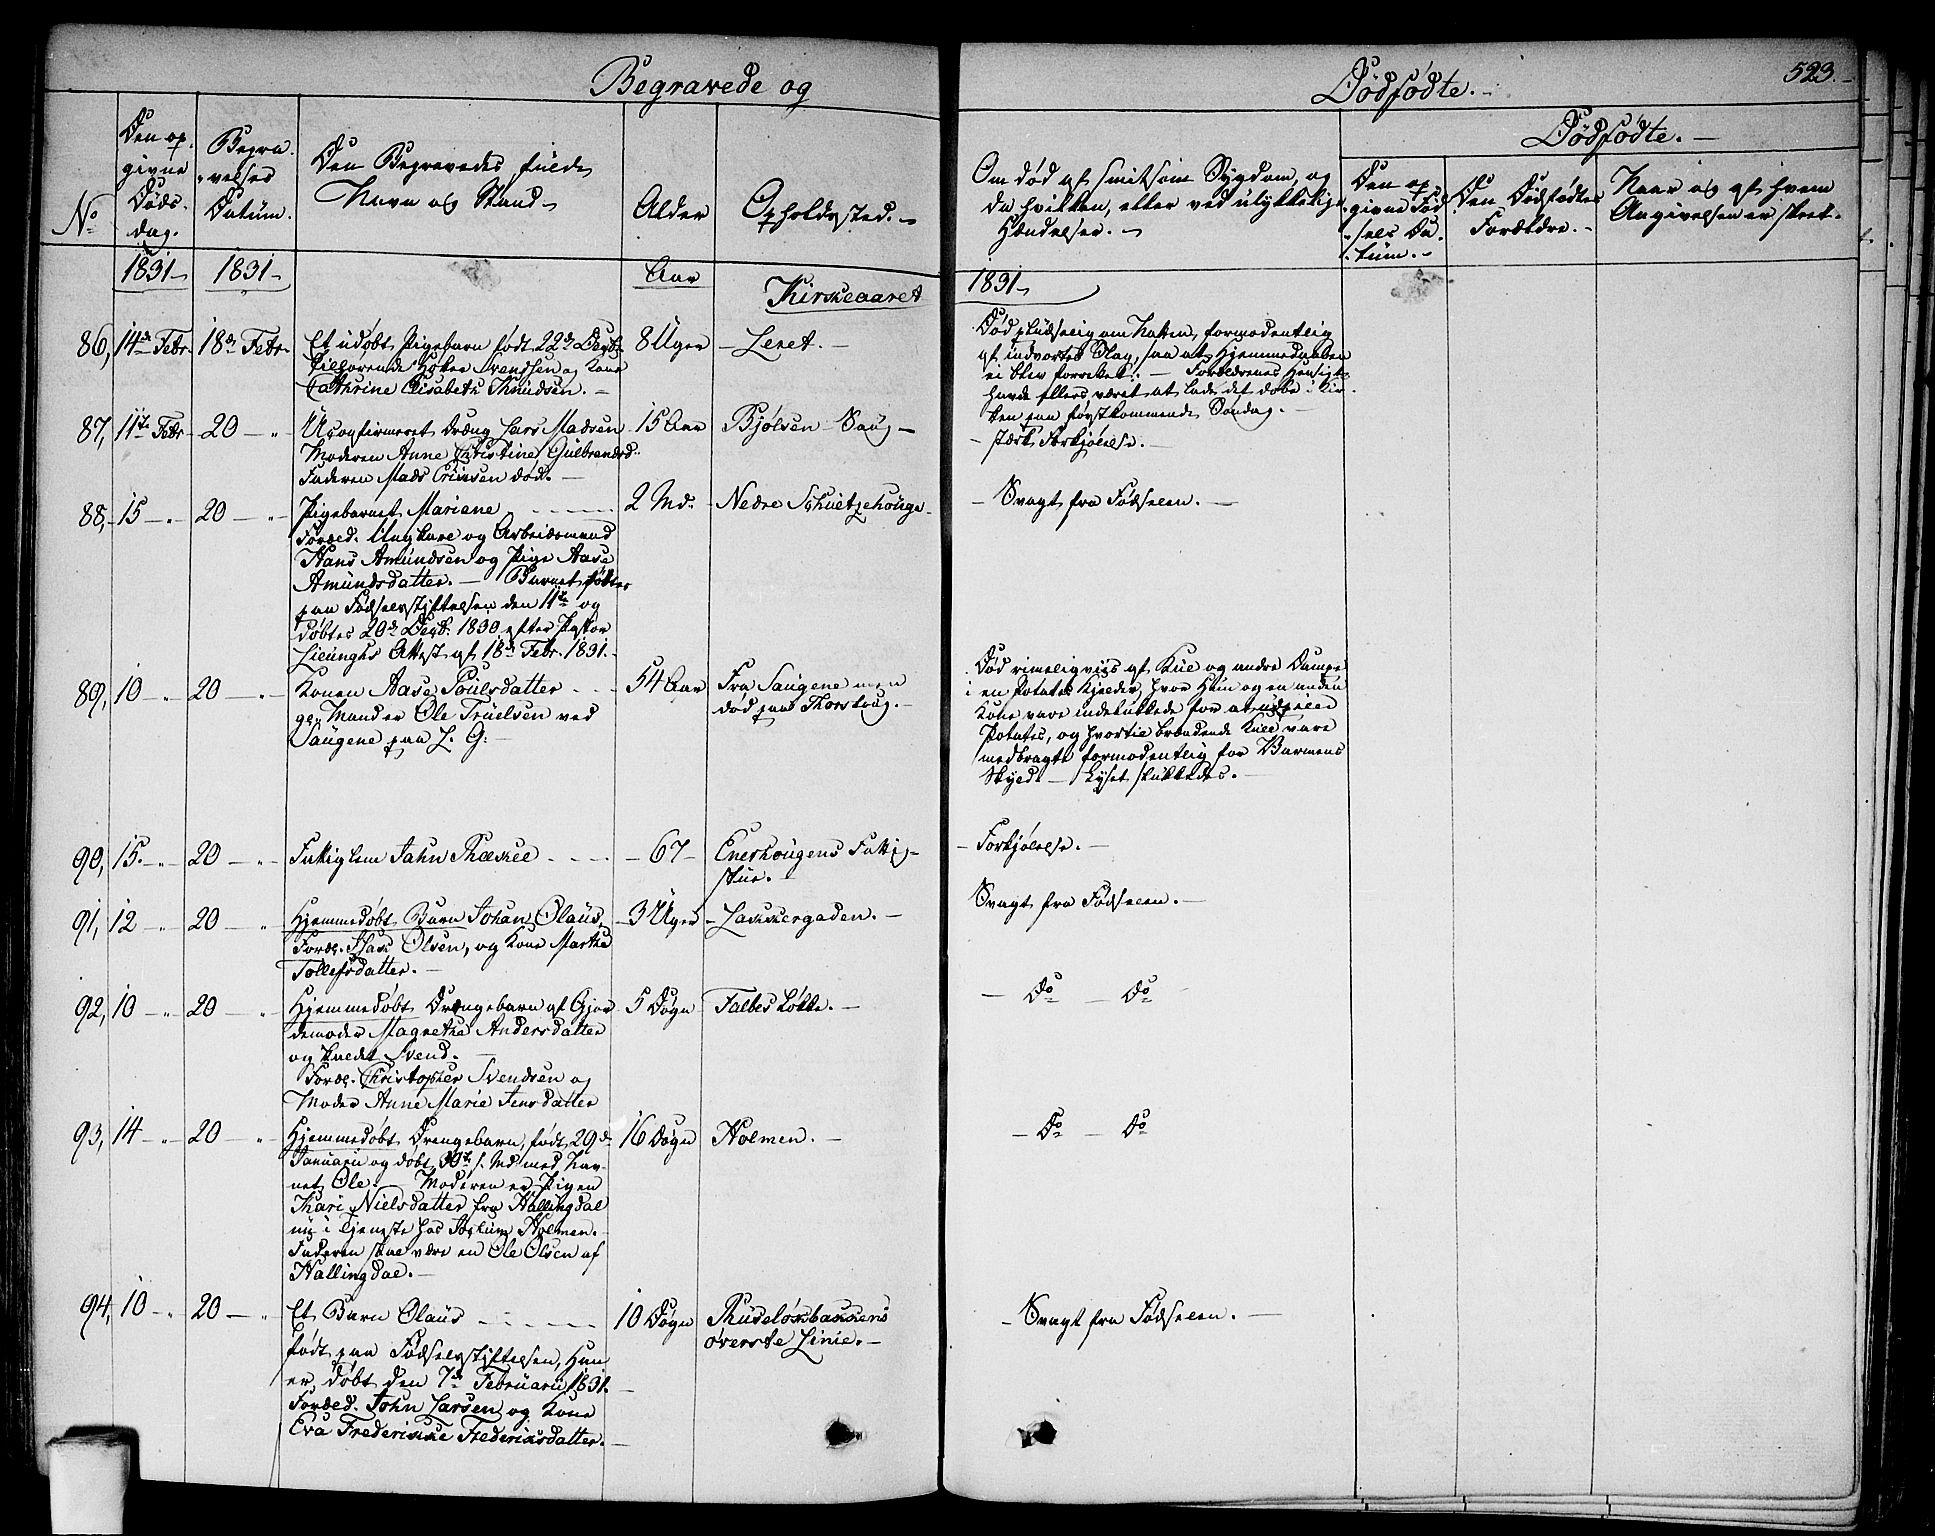 SAO, Aker prestekontor kirkebøker, F/L0013: Ministerialbok nr. 13, 1828-1837, s. 523